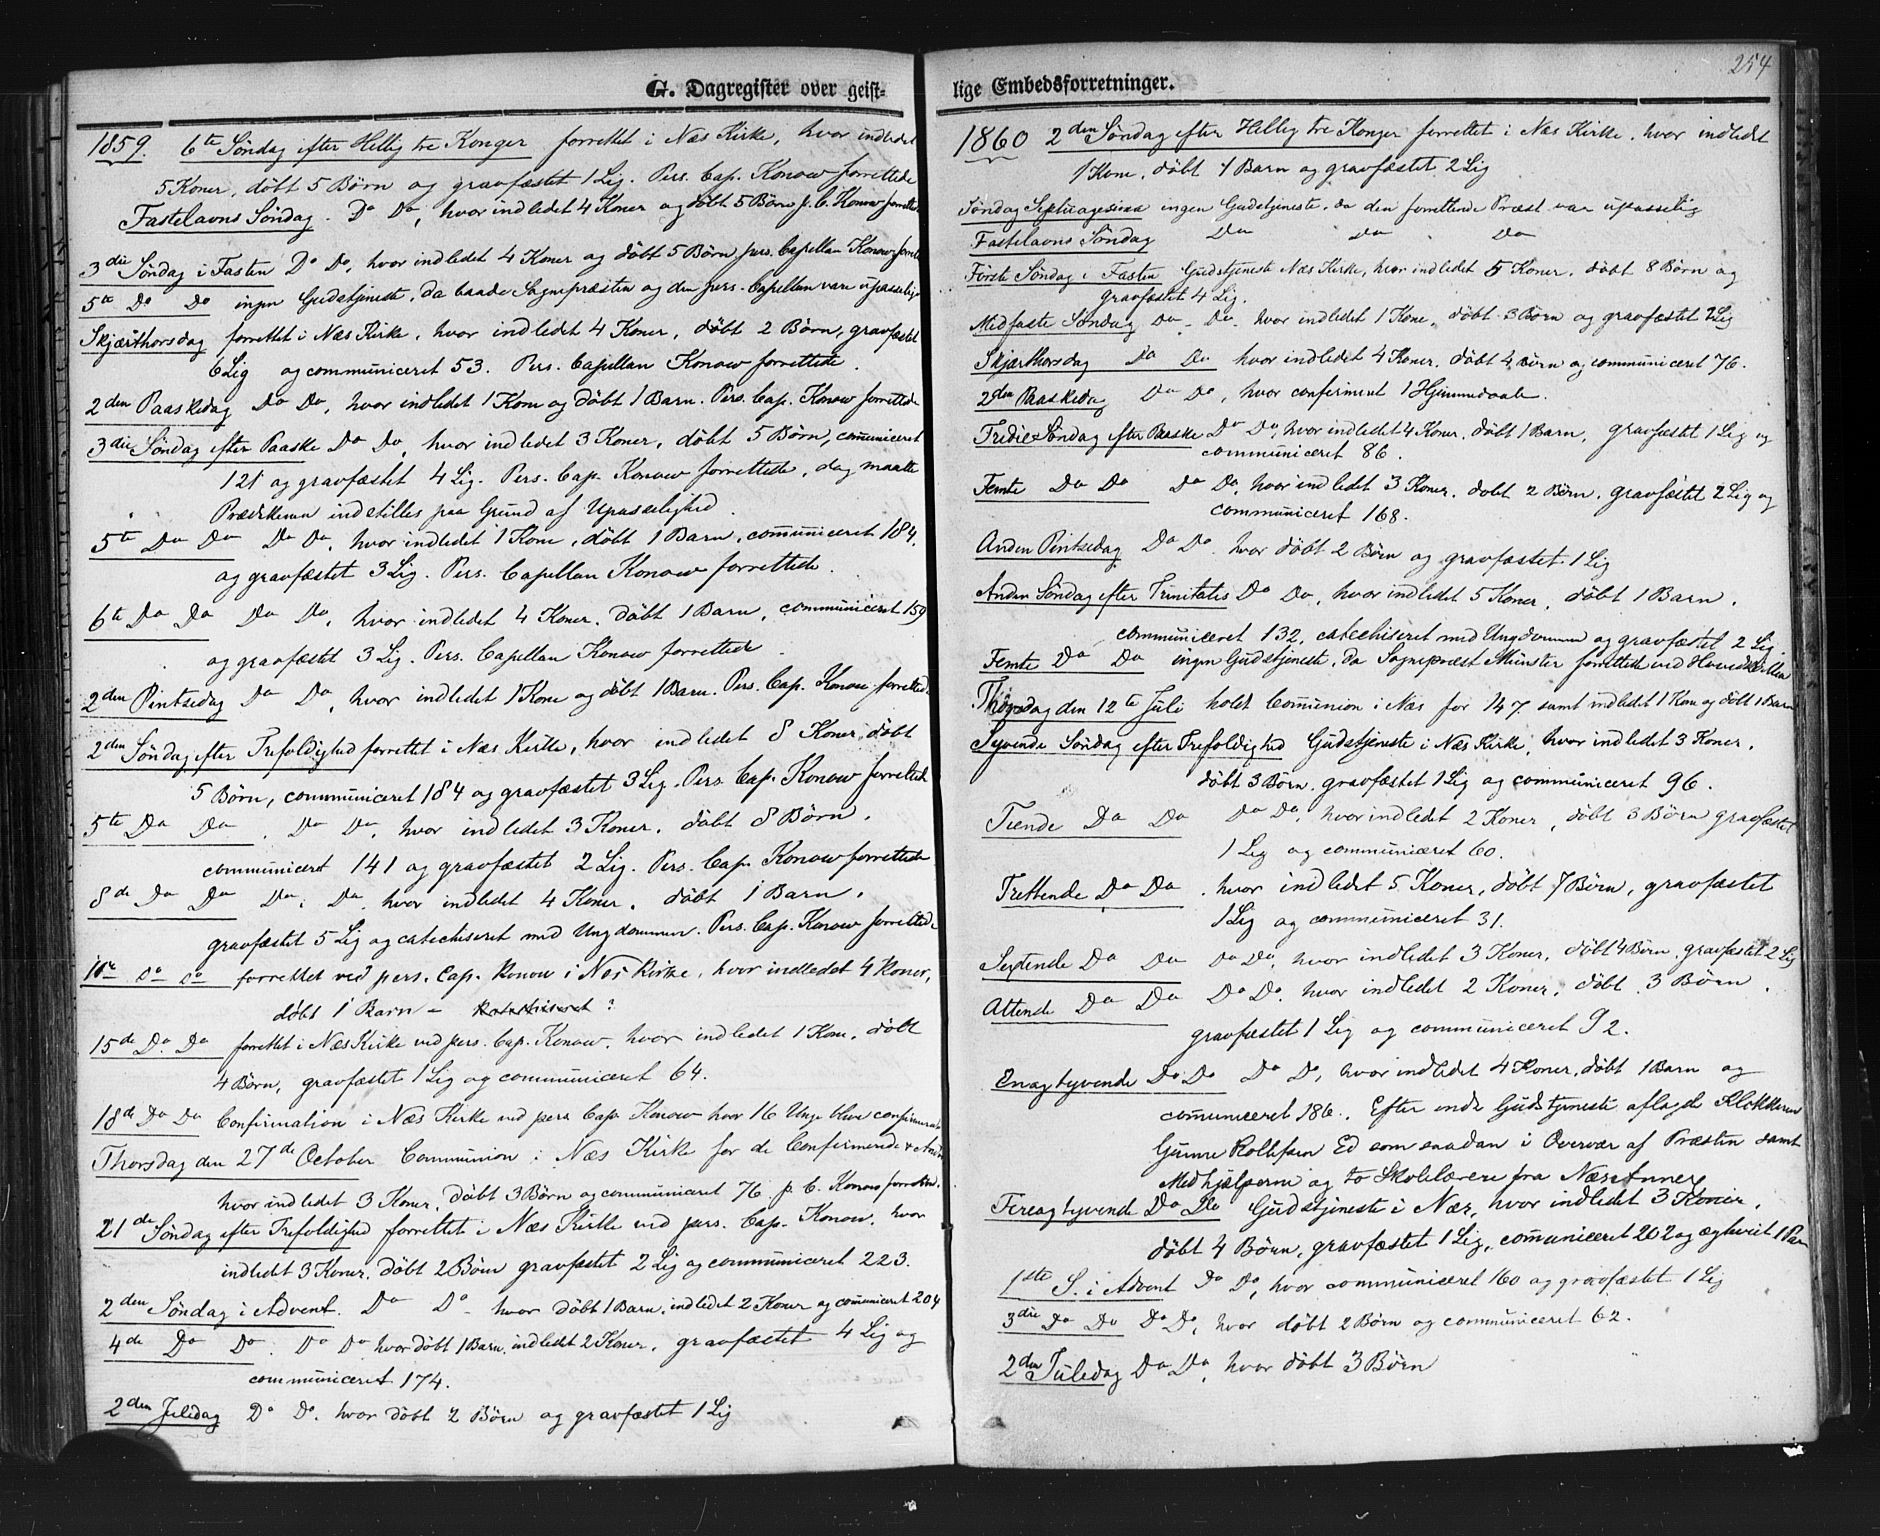 SAKO, Sauherad kirkebøker, F/Fb/L0001: Ministerialbok nr. II 1, 1851-1877, s. 254